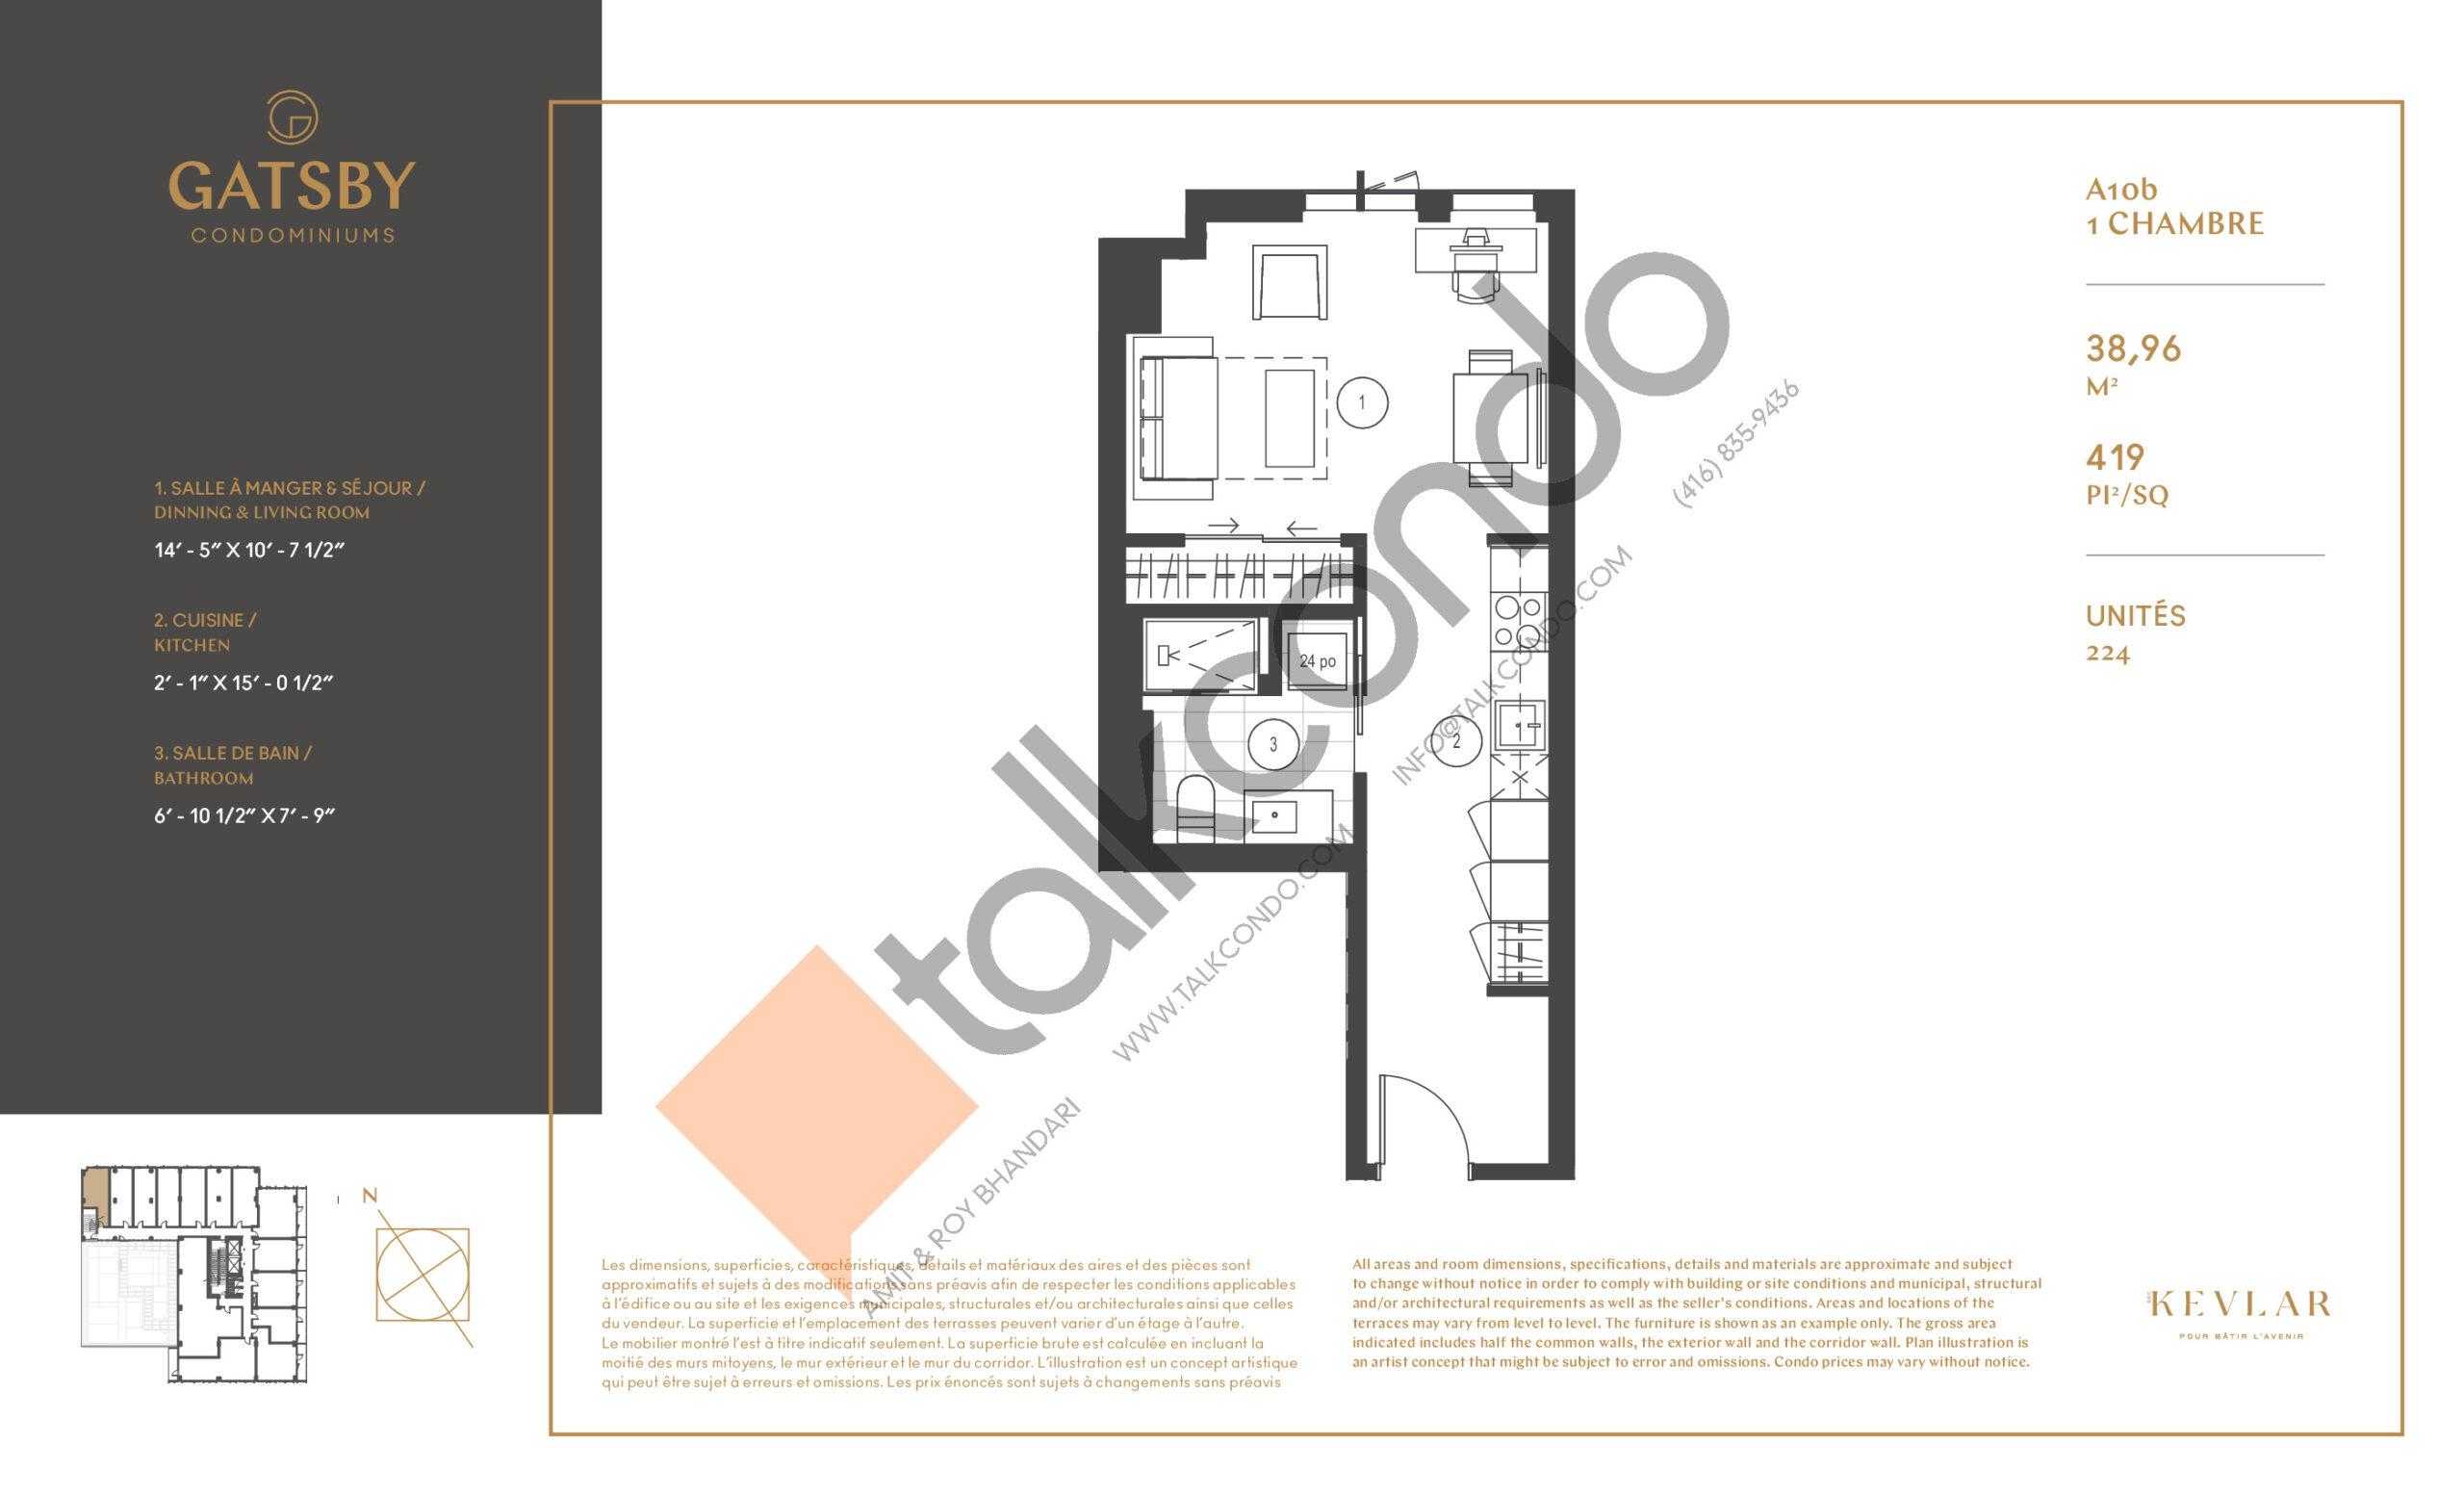 A10b Floor Plan at Gatsby Condos - 419 sq.ft